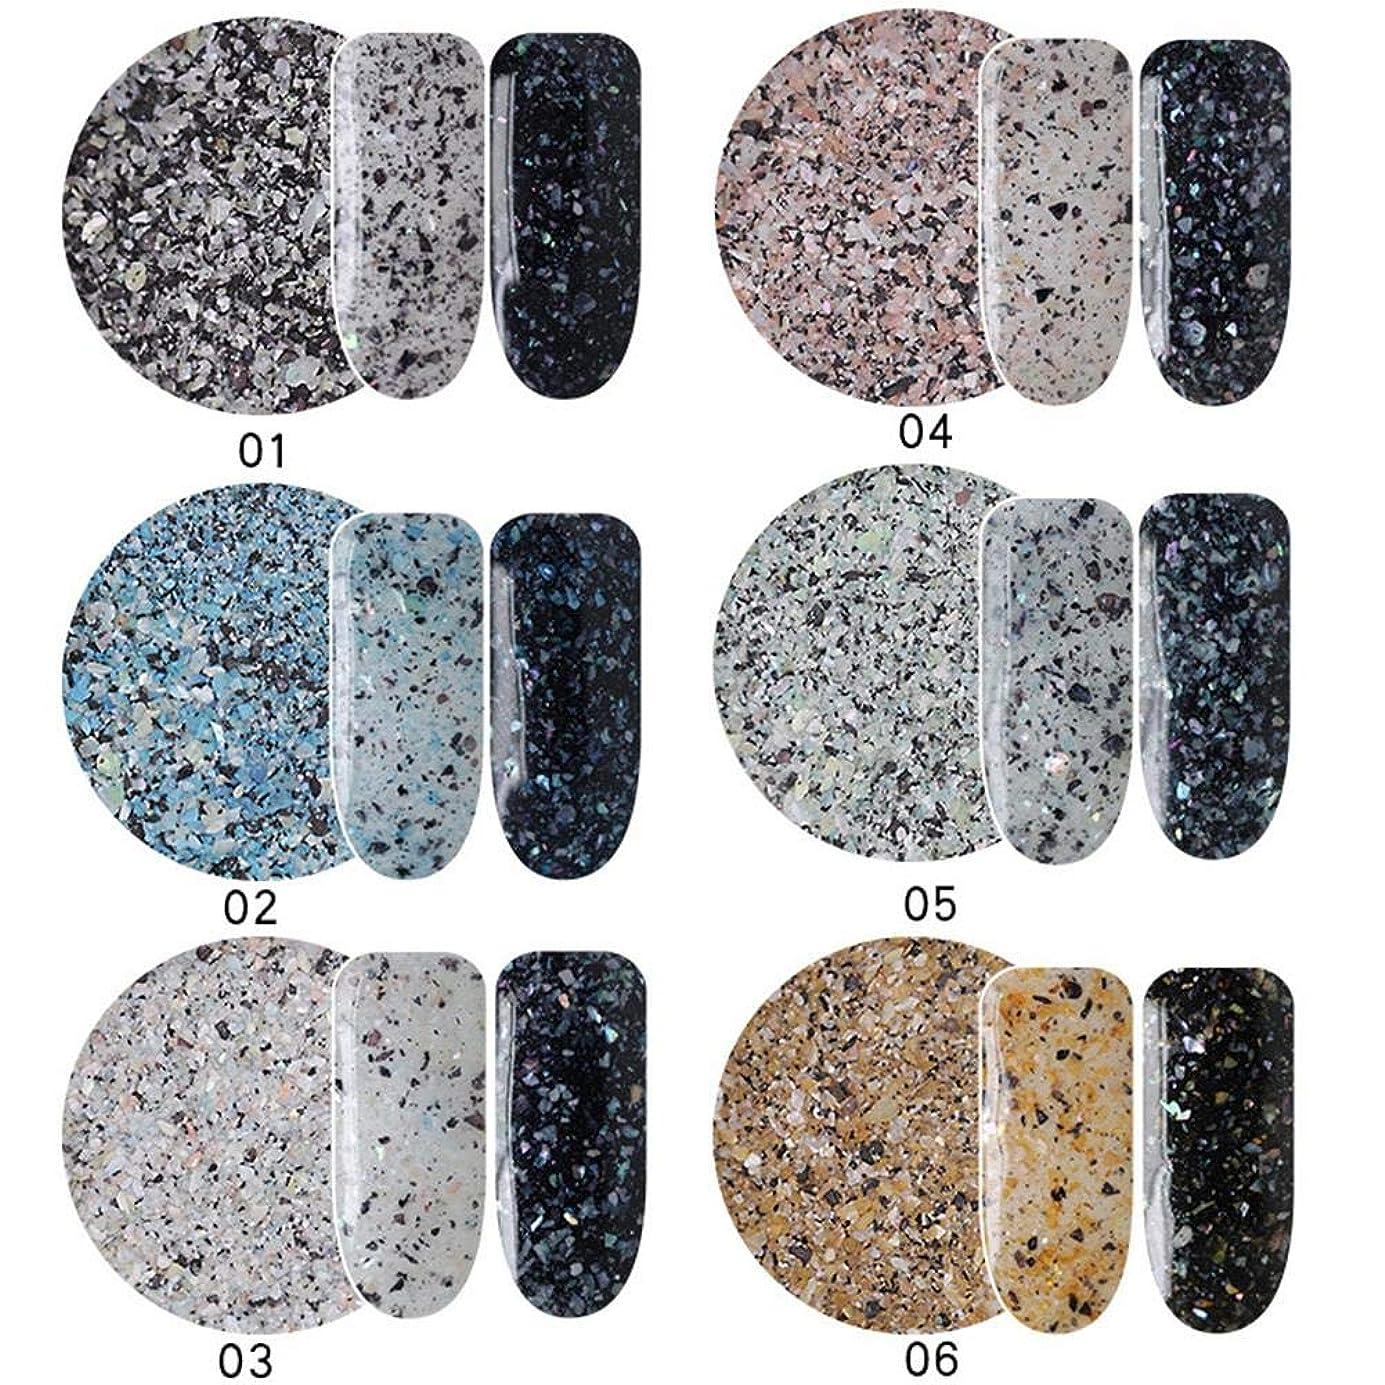 伝統シェード動ネイルパウダー 6色セット ネイルアートパーツ 大理石柄 ネイルDIY ネイルデコレーション ネイルアートアクセサリー 輝くネイル 美しい 人気なマニキュアセット junexi